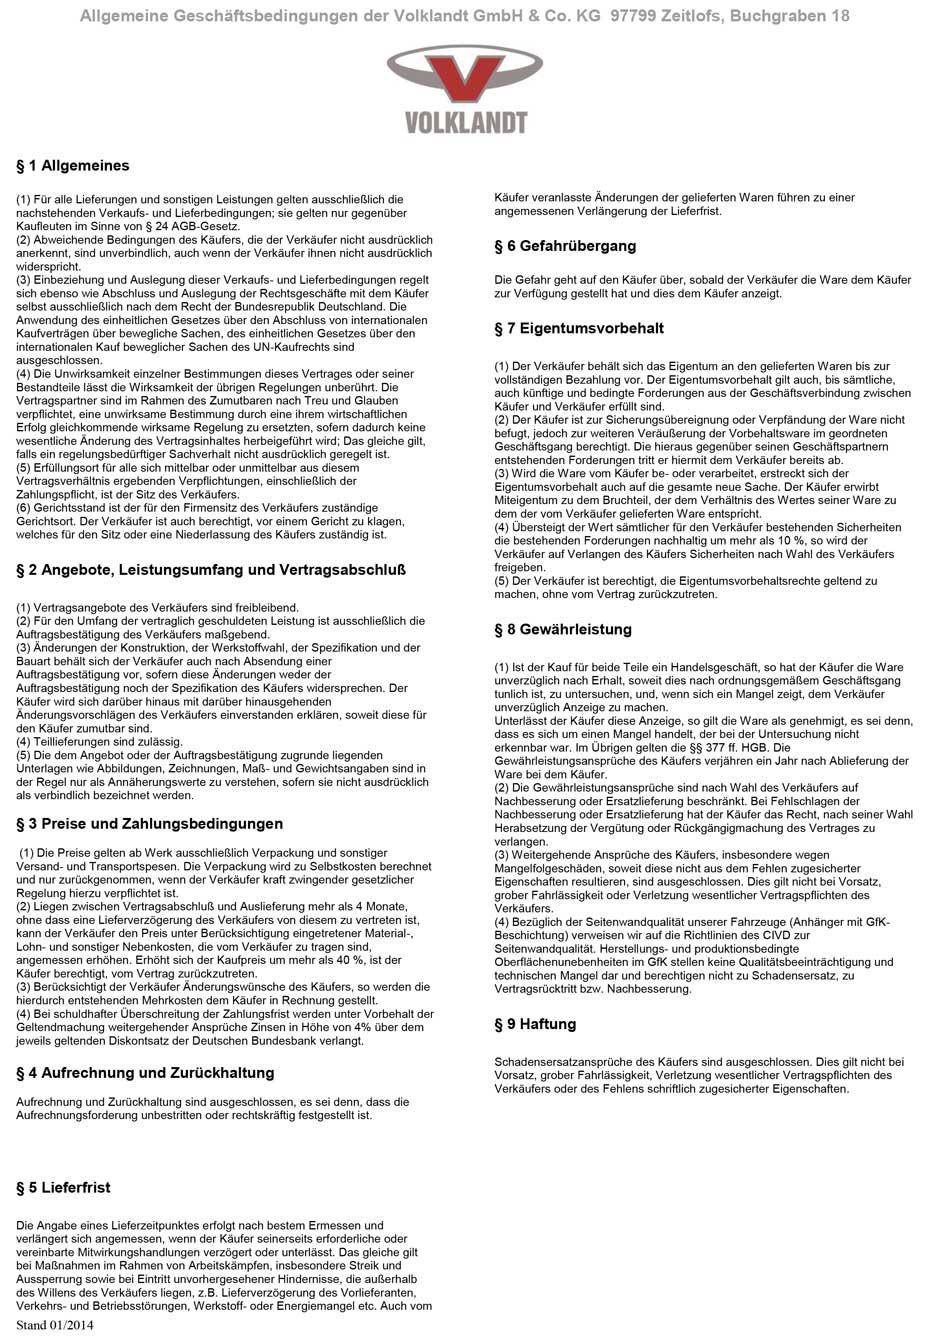 AGB-Volklandt-GmbH-&-Co